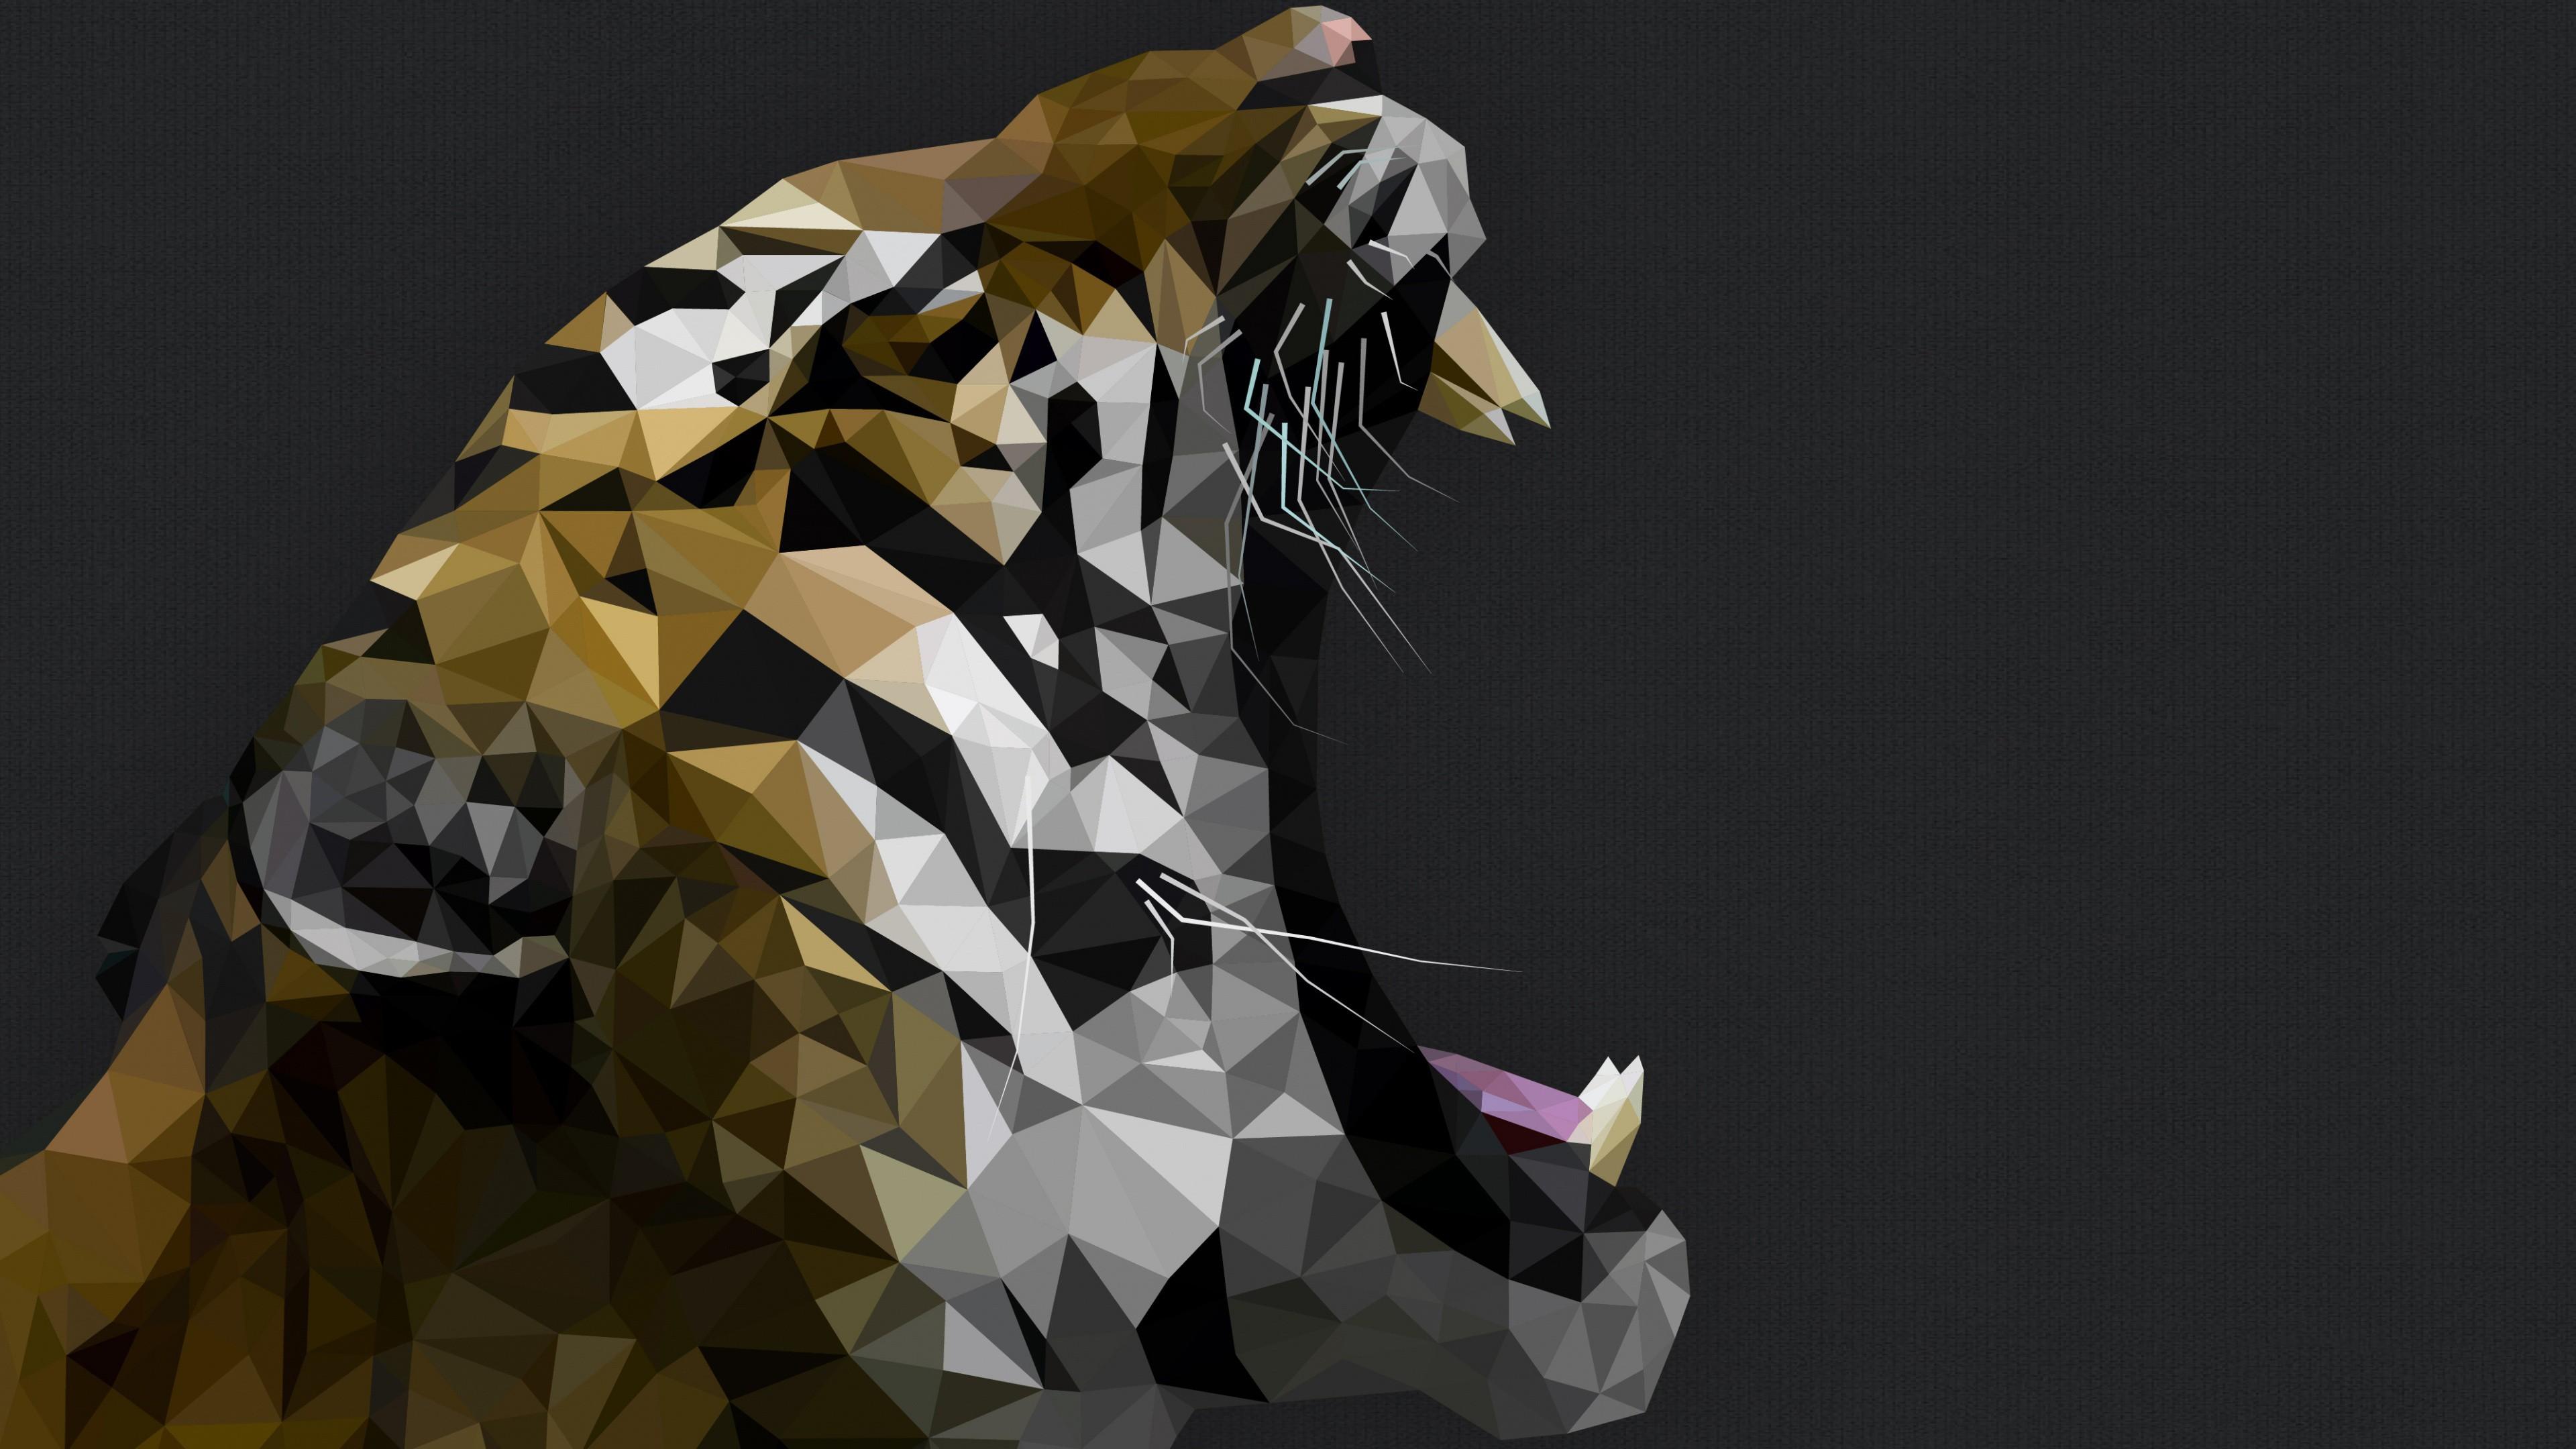 Wallpaper Illustration Graphic Design Roar Movie: Wallpaper Tiger, Polygon, Roar, Art, Animals #5384